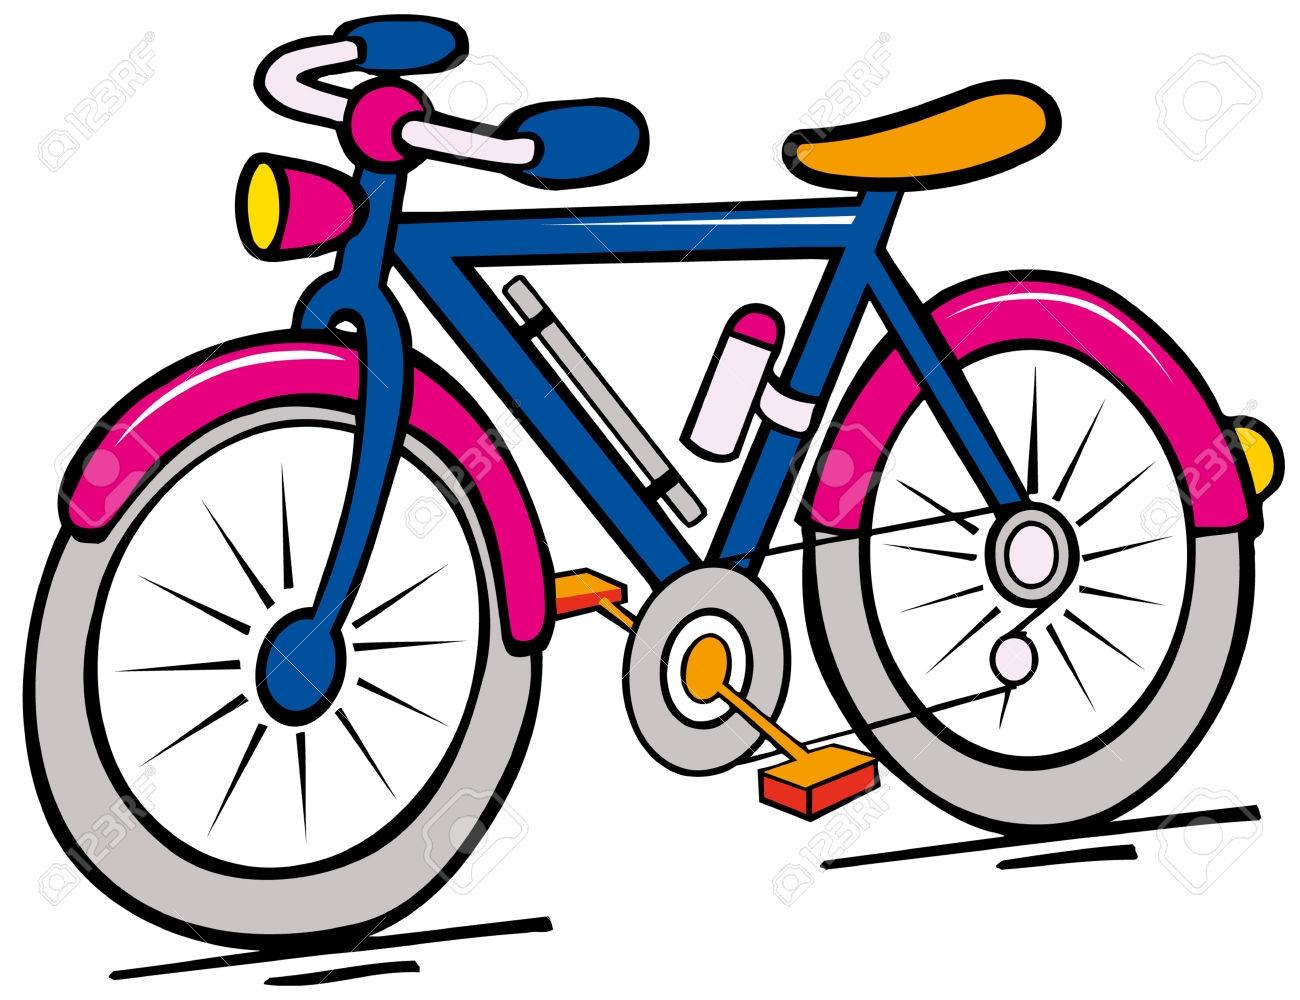 Bicycle clipart cartoon, Bicycle cartoon Transparent FREE.